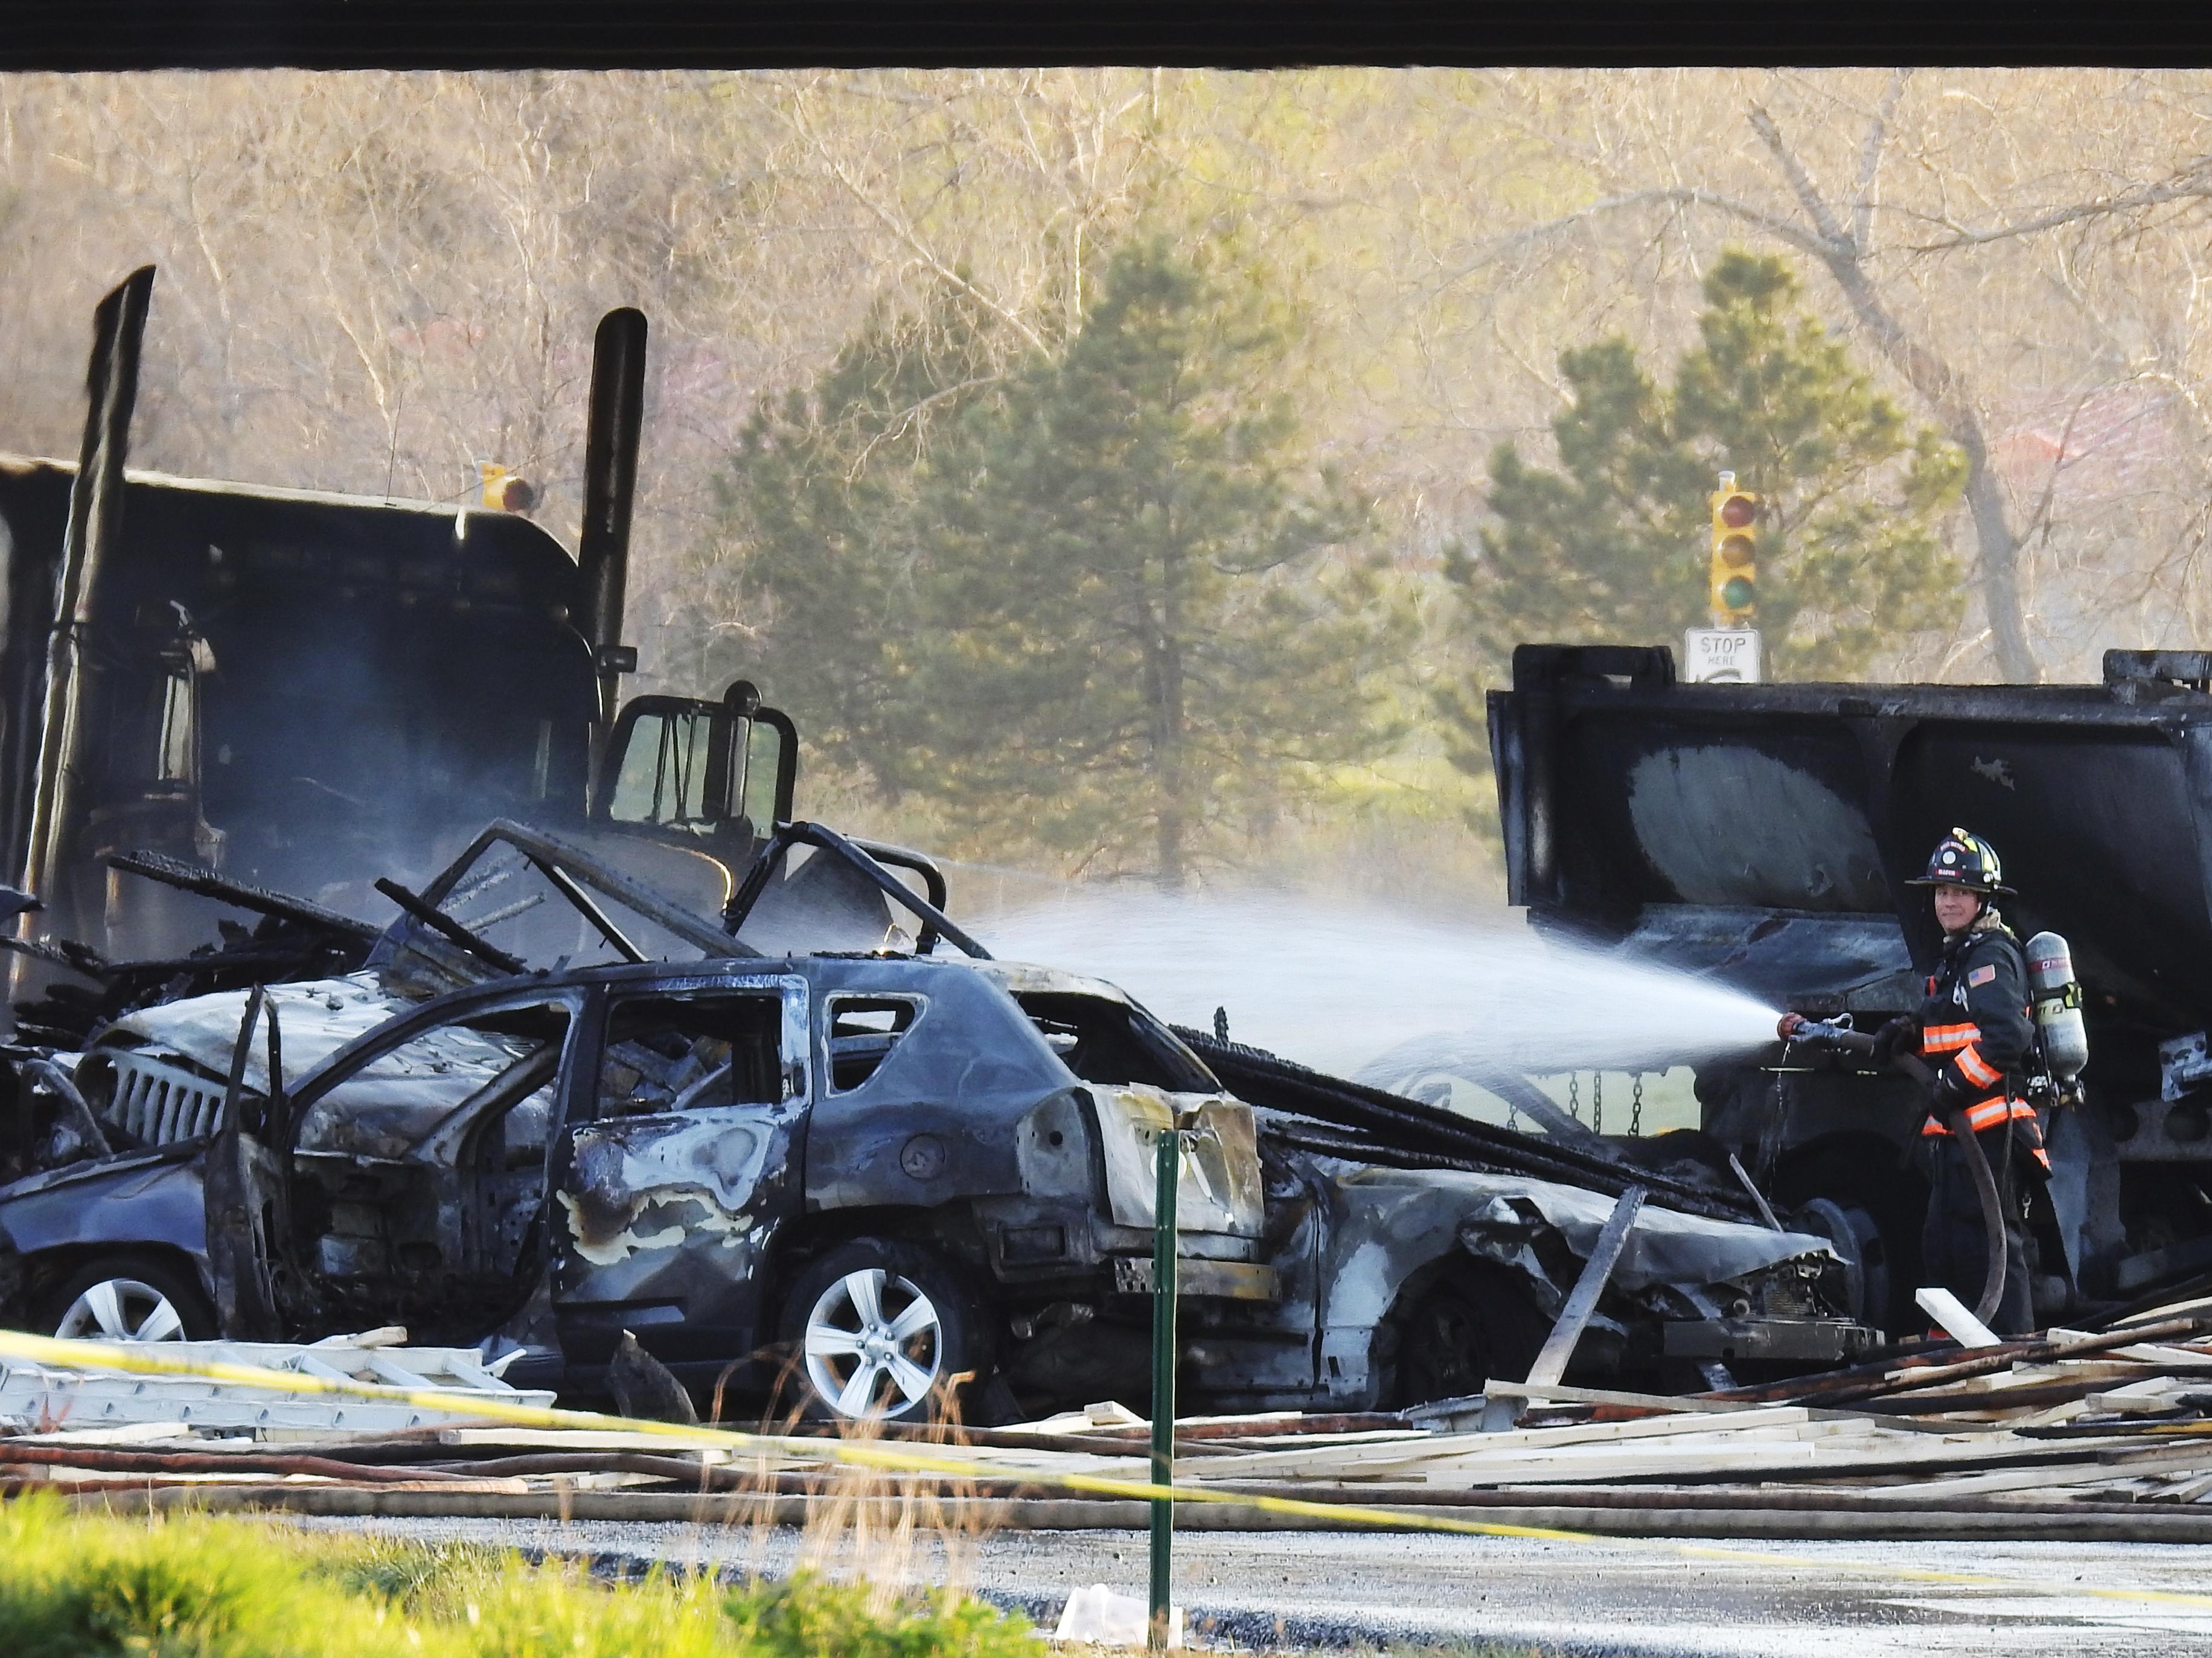 15 vehicles involved in major crash on I-70 near Denver